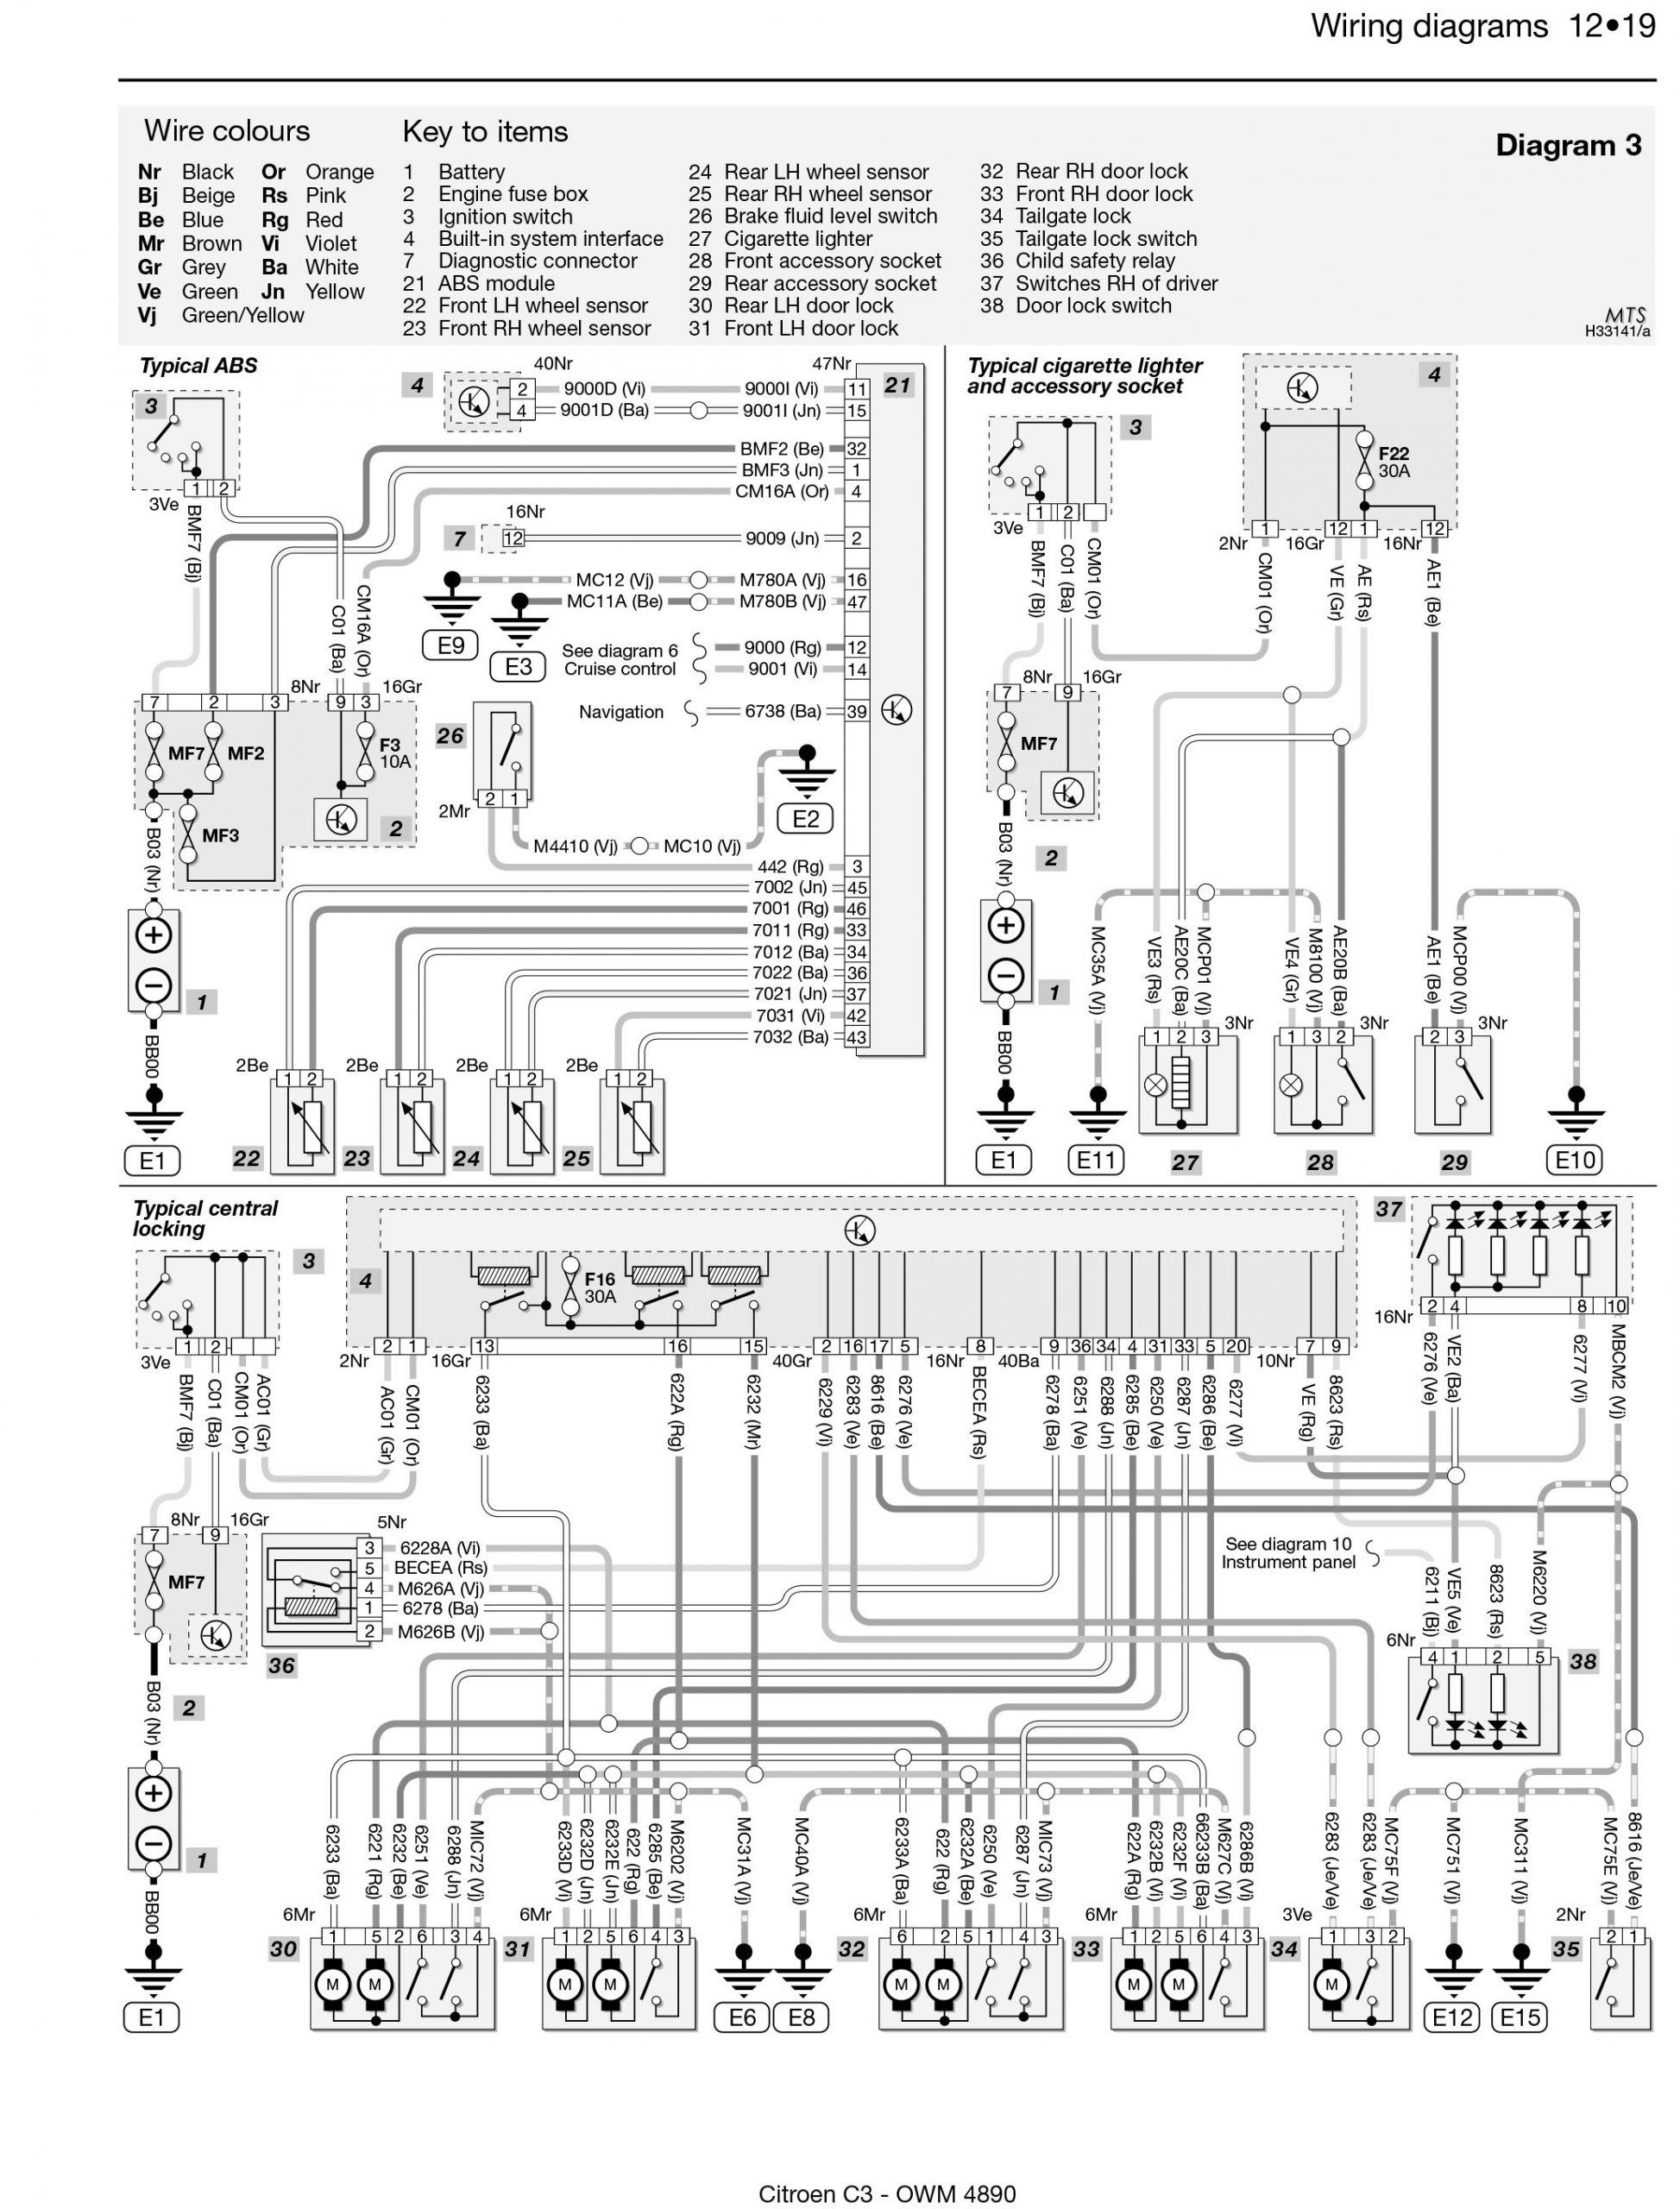 Circuit Diagram Lights In Citroen C3 C3